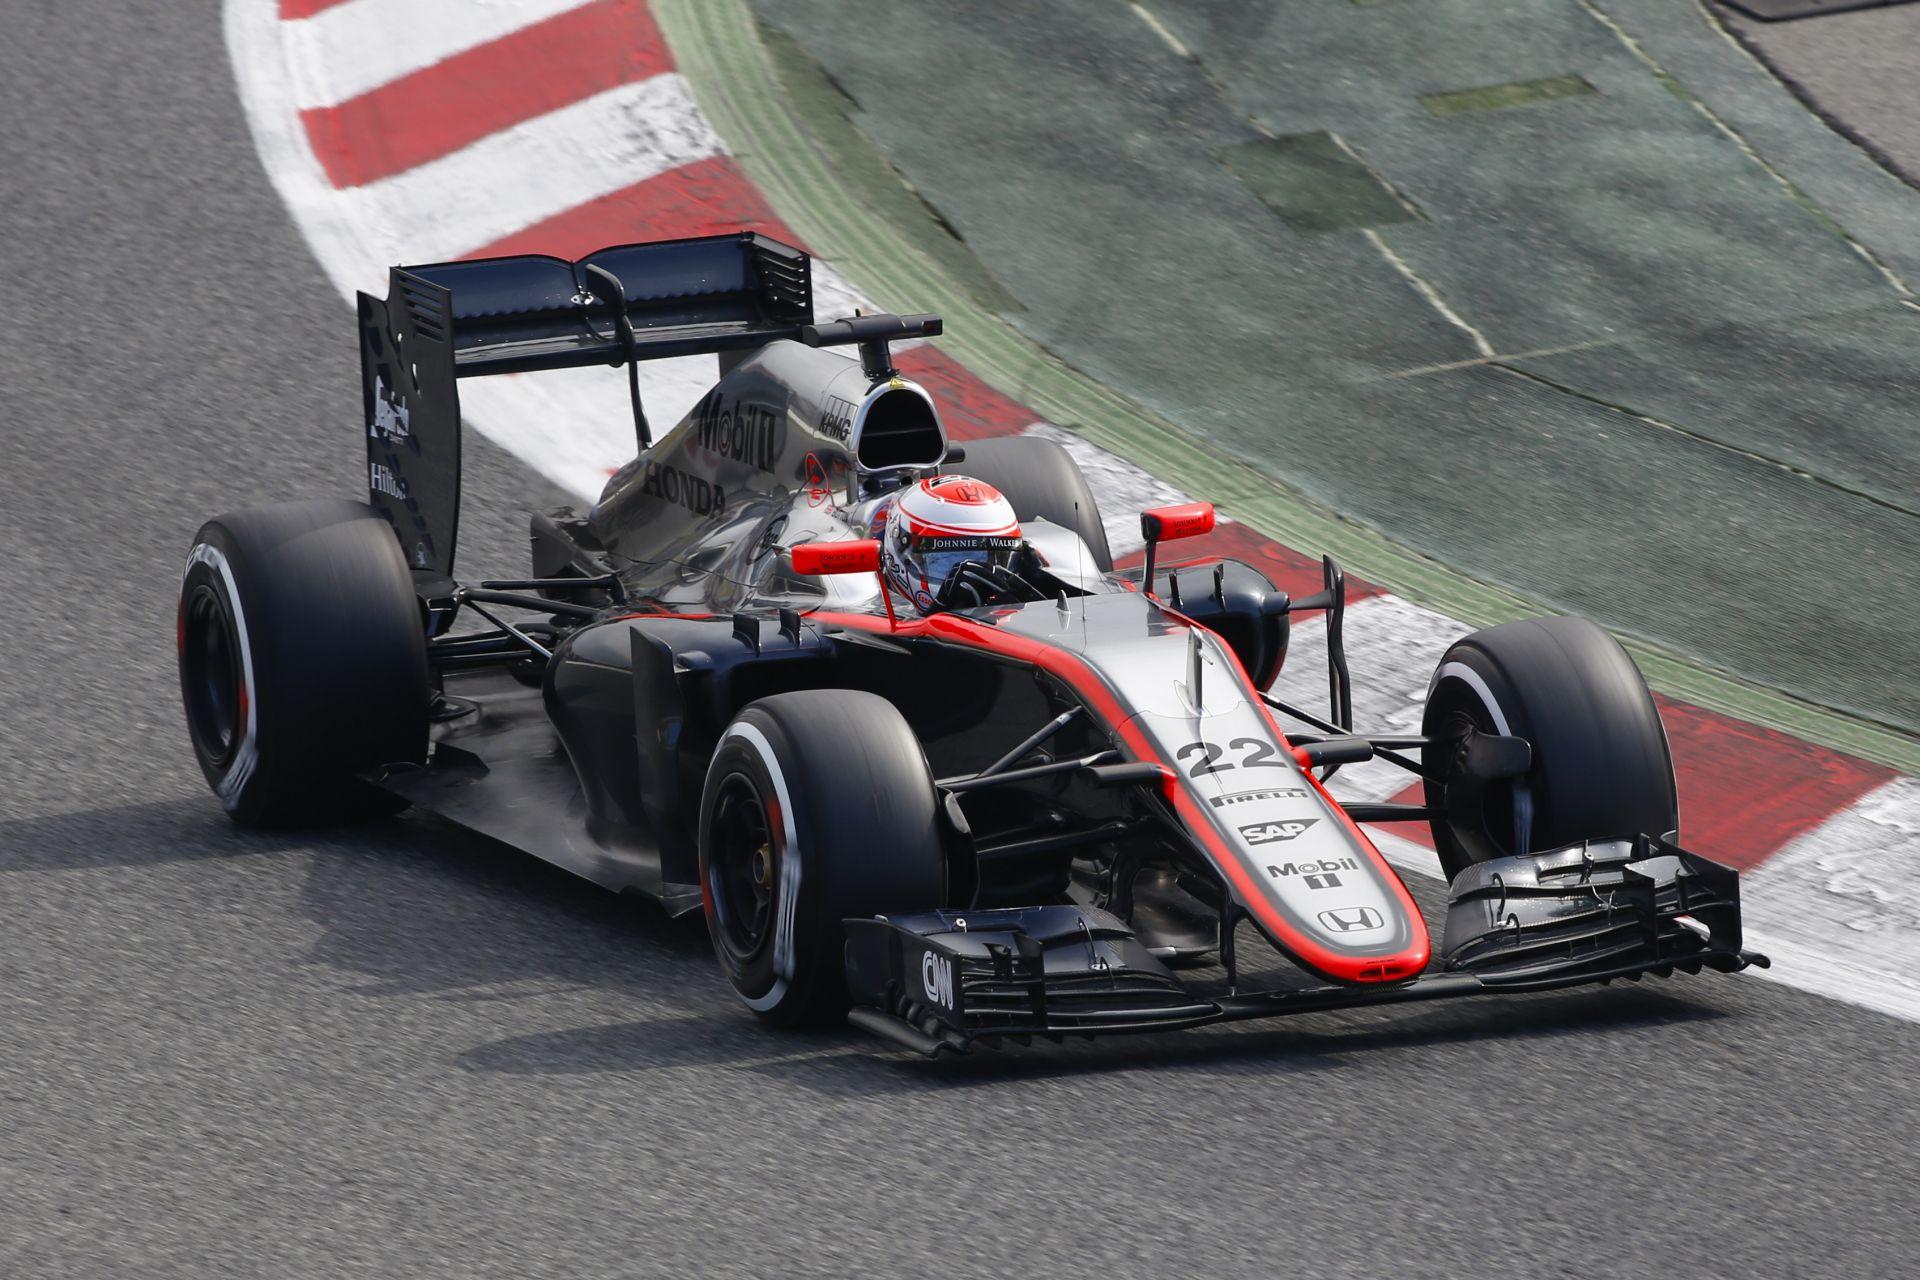 Ma veszi kezdetét az F1-es téli tesztsorozat: Hamilton, Vettel, Button is a pályán